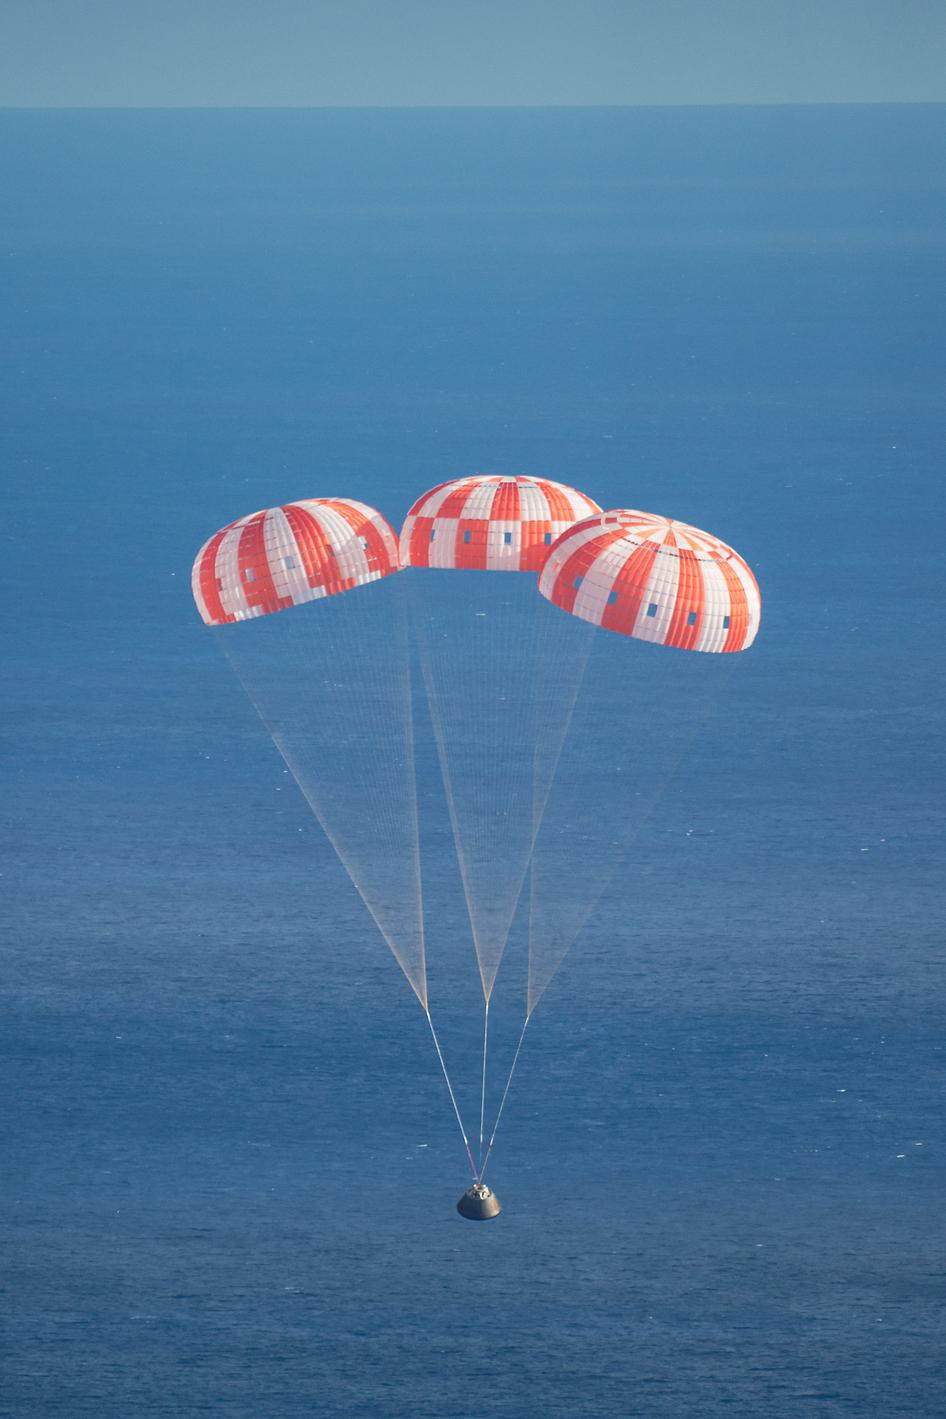 Retorno da cápsula Órion no oceano Pacífico, após histórico voo de teste.